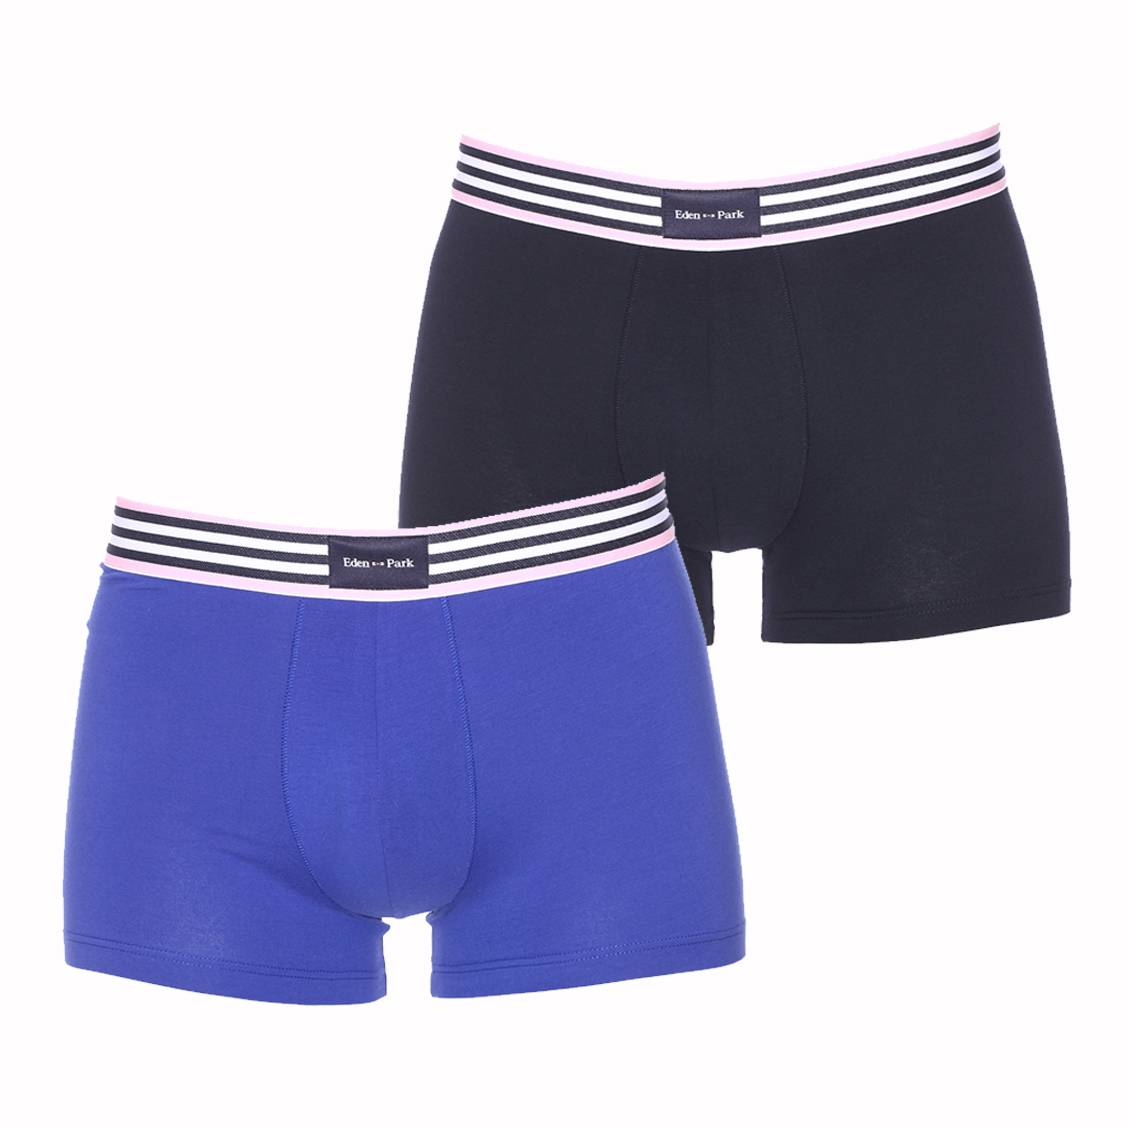 Lot de 2 boxers  en coton bleu marine et bleu �lectrique